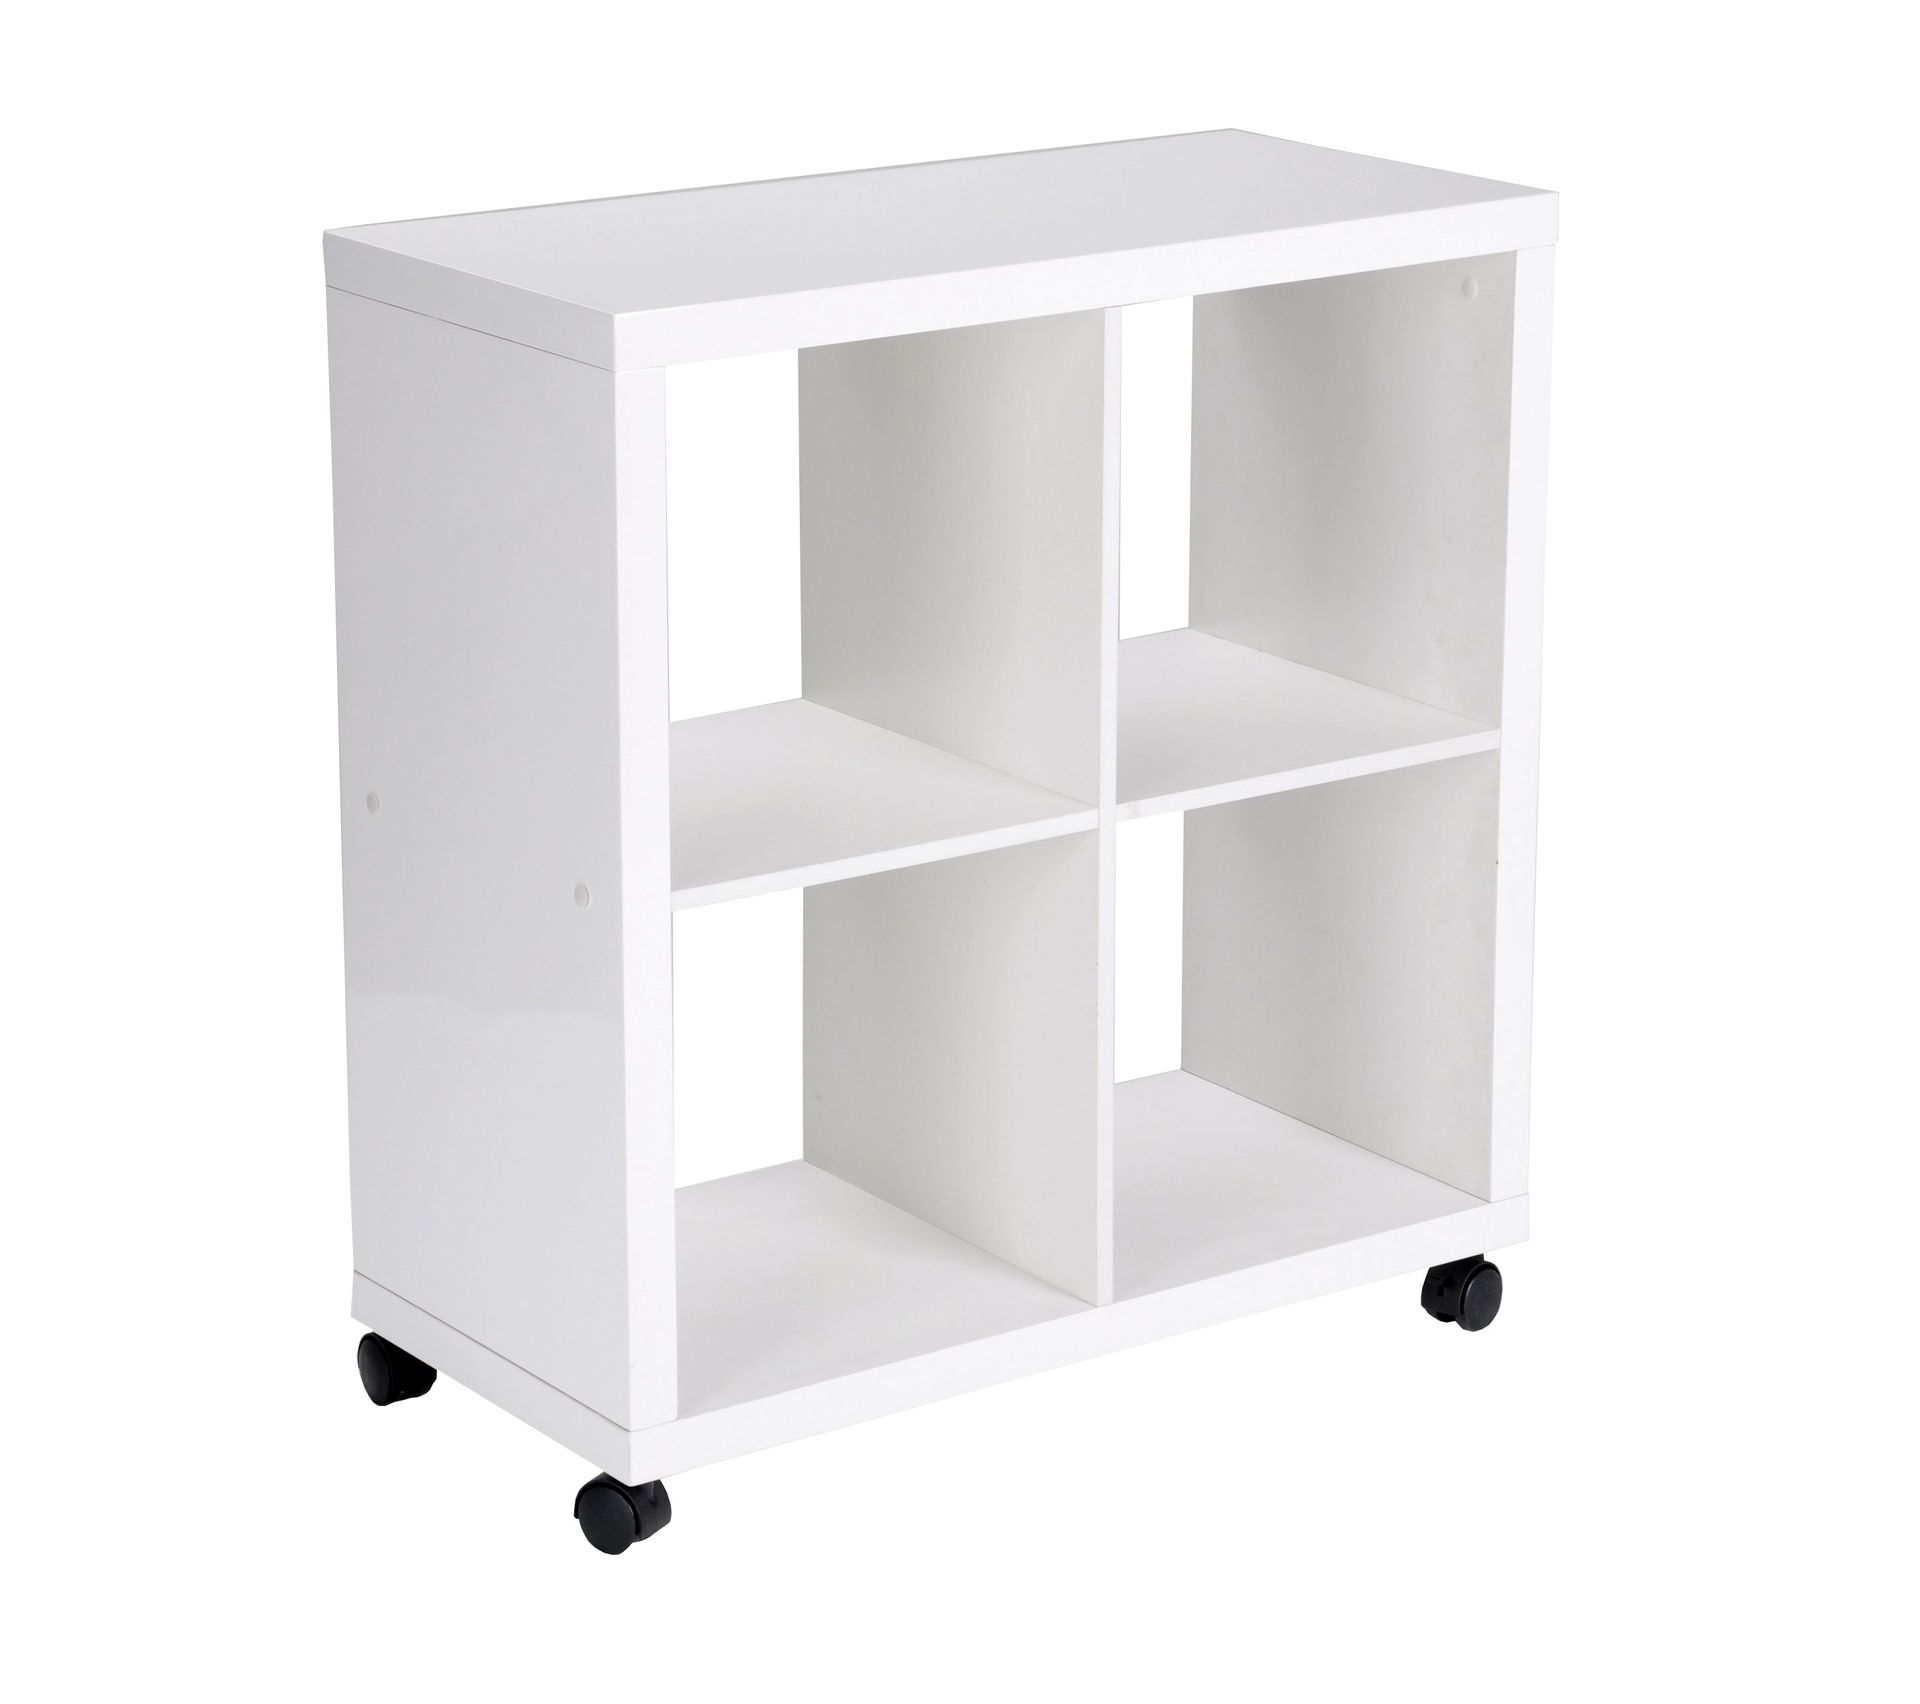 Étagère porte-une coupe droite pour 40 cm blanc étagère système étagère angle sol porteur étagère